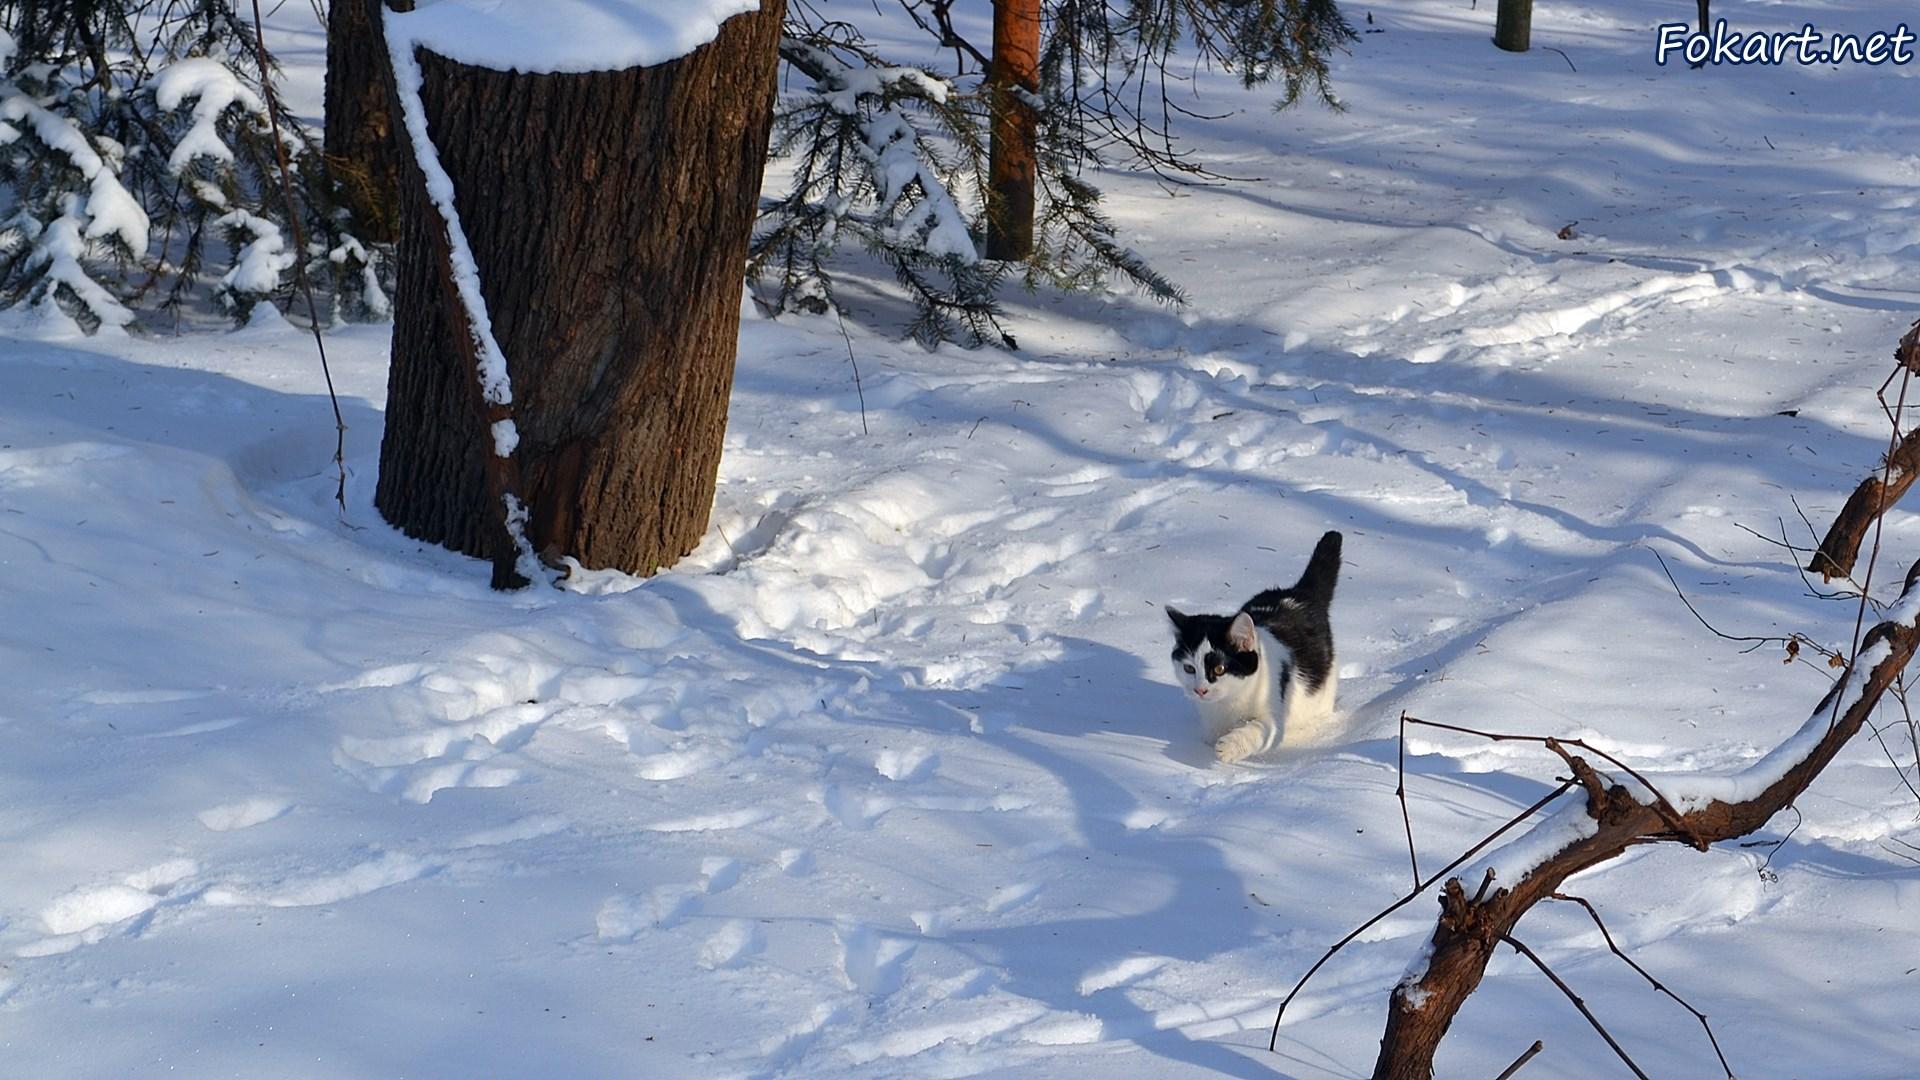 Кот, идущий по снегу